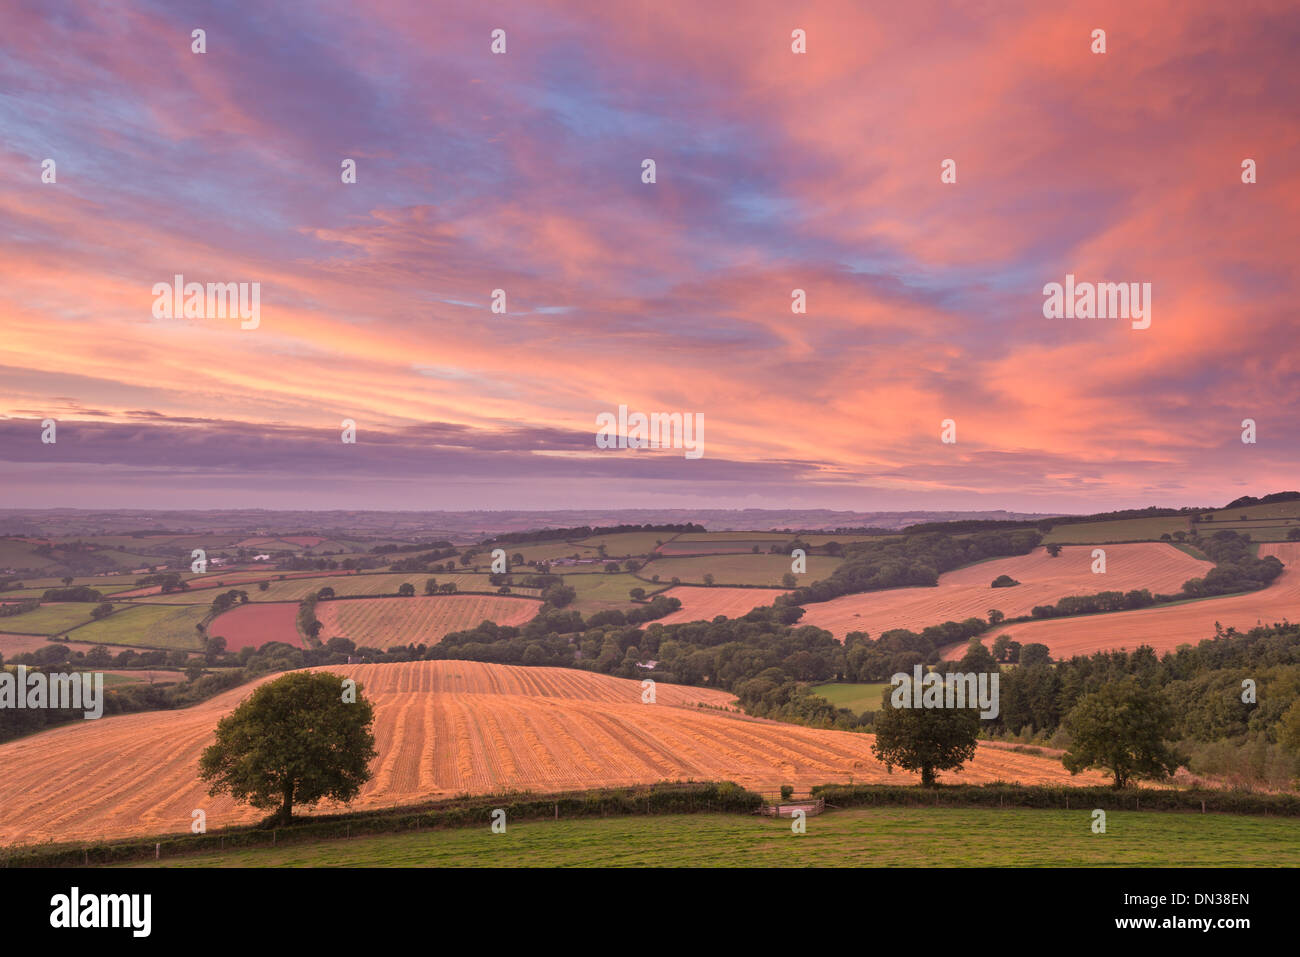 Spektakulären Sonnenuntergang über die hügelige Landschaft von Devon, Stockleigh Pomeroy, Devon, England. Herbst (September) 2013. Stockbild